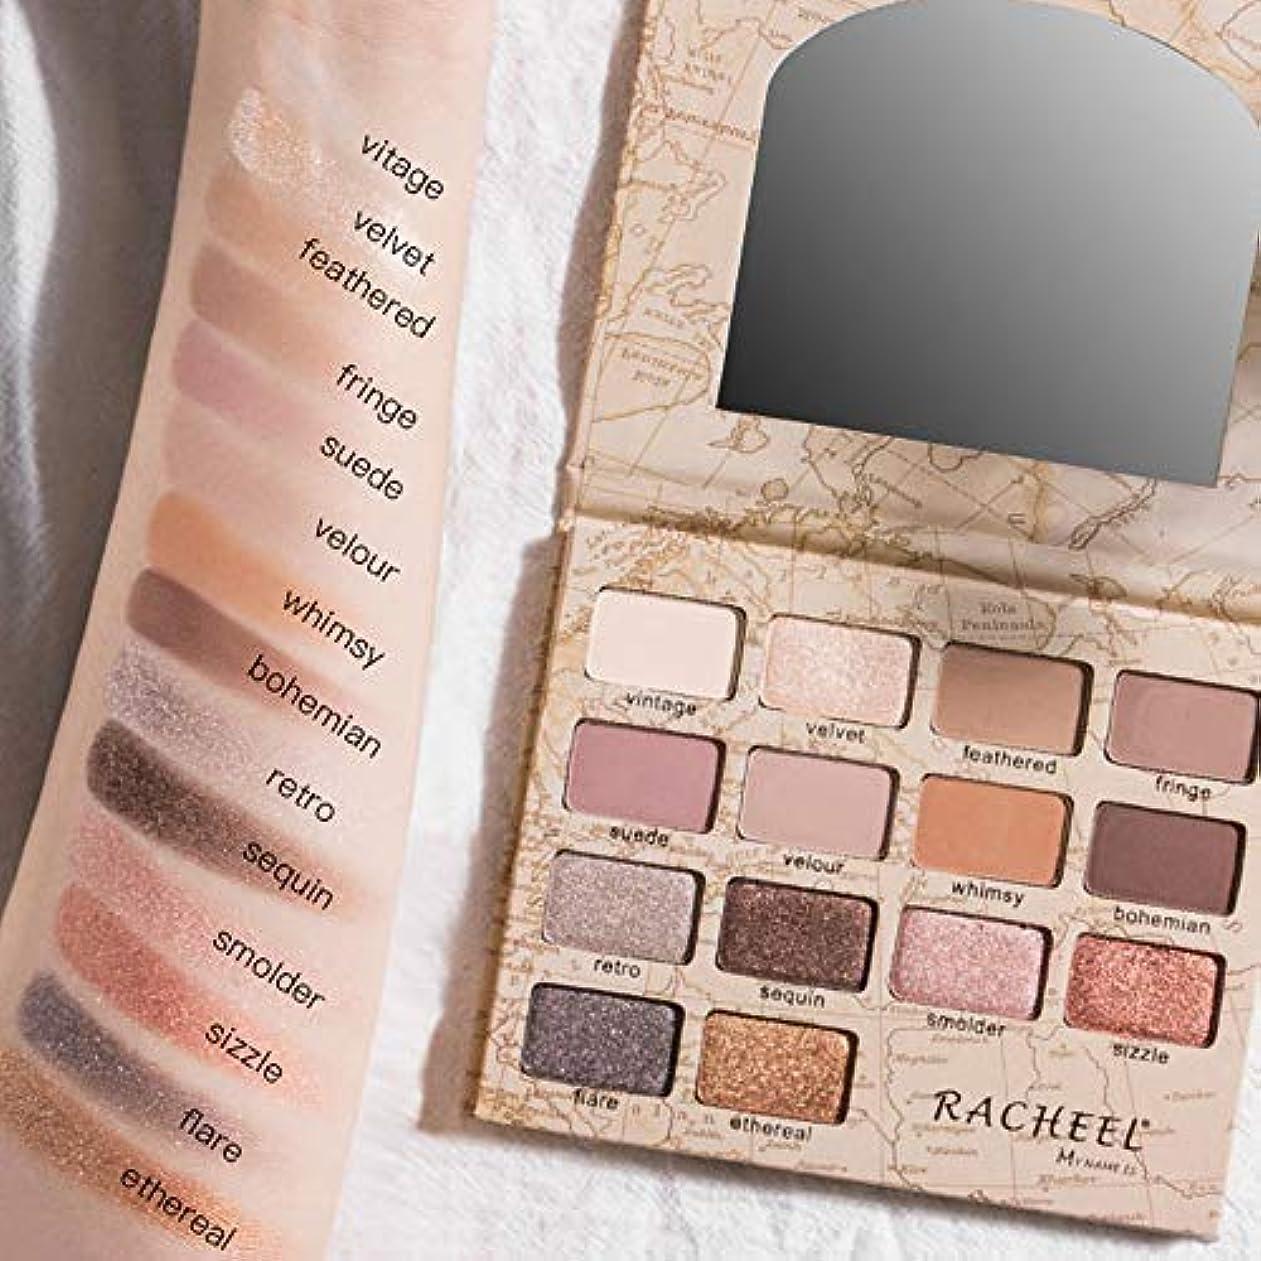 排他的何故なの読むAkane アイシャドウパレット MY NAME IS RACHEEL ファッション 気質的 プロ 魅力的 綺麗 人気 長持ち マット チャーム おしゃれ 持ち便利 Eye Shadow (14色)